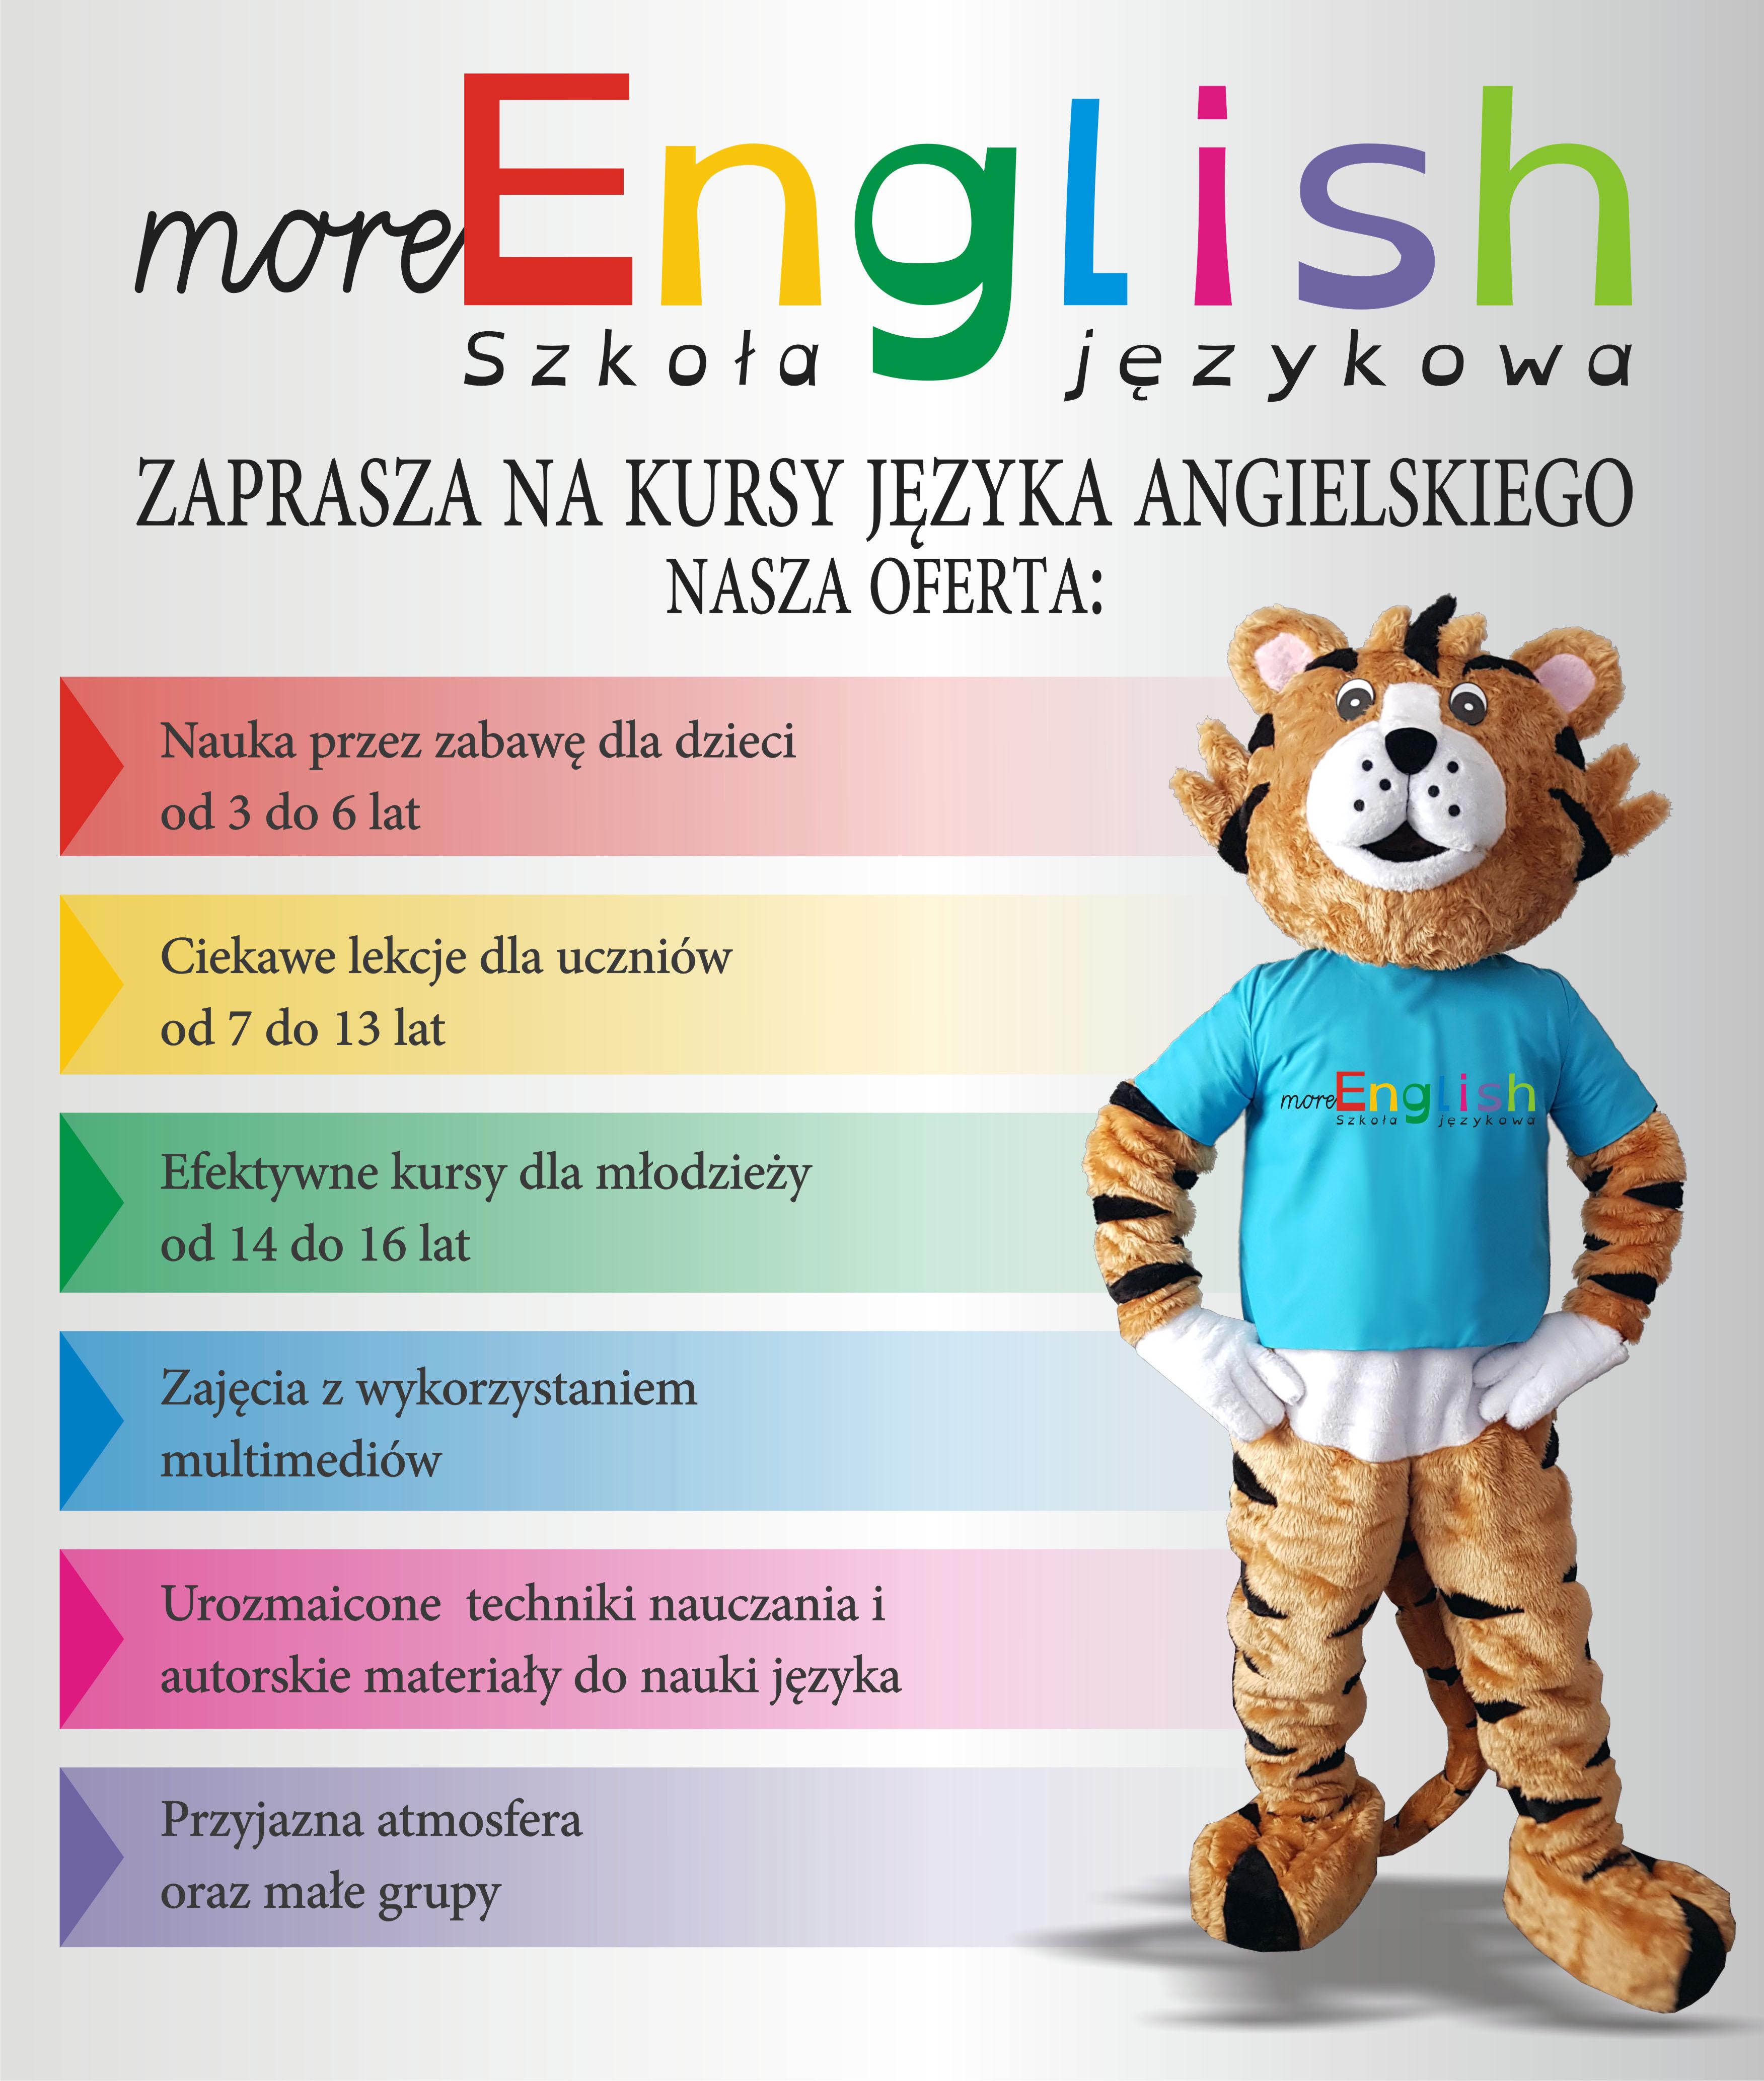 Zapisz się na kurs języka angielskiego w roku szkolnym 2018/2019